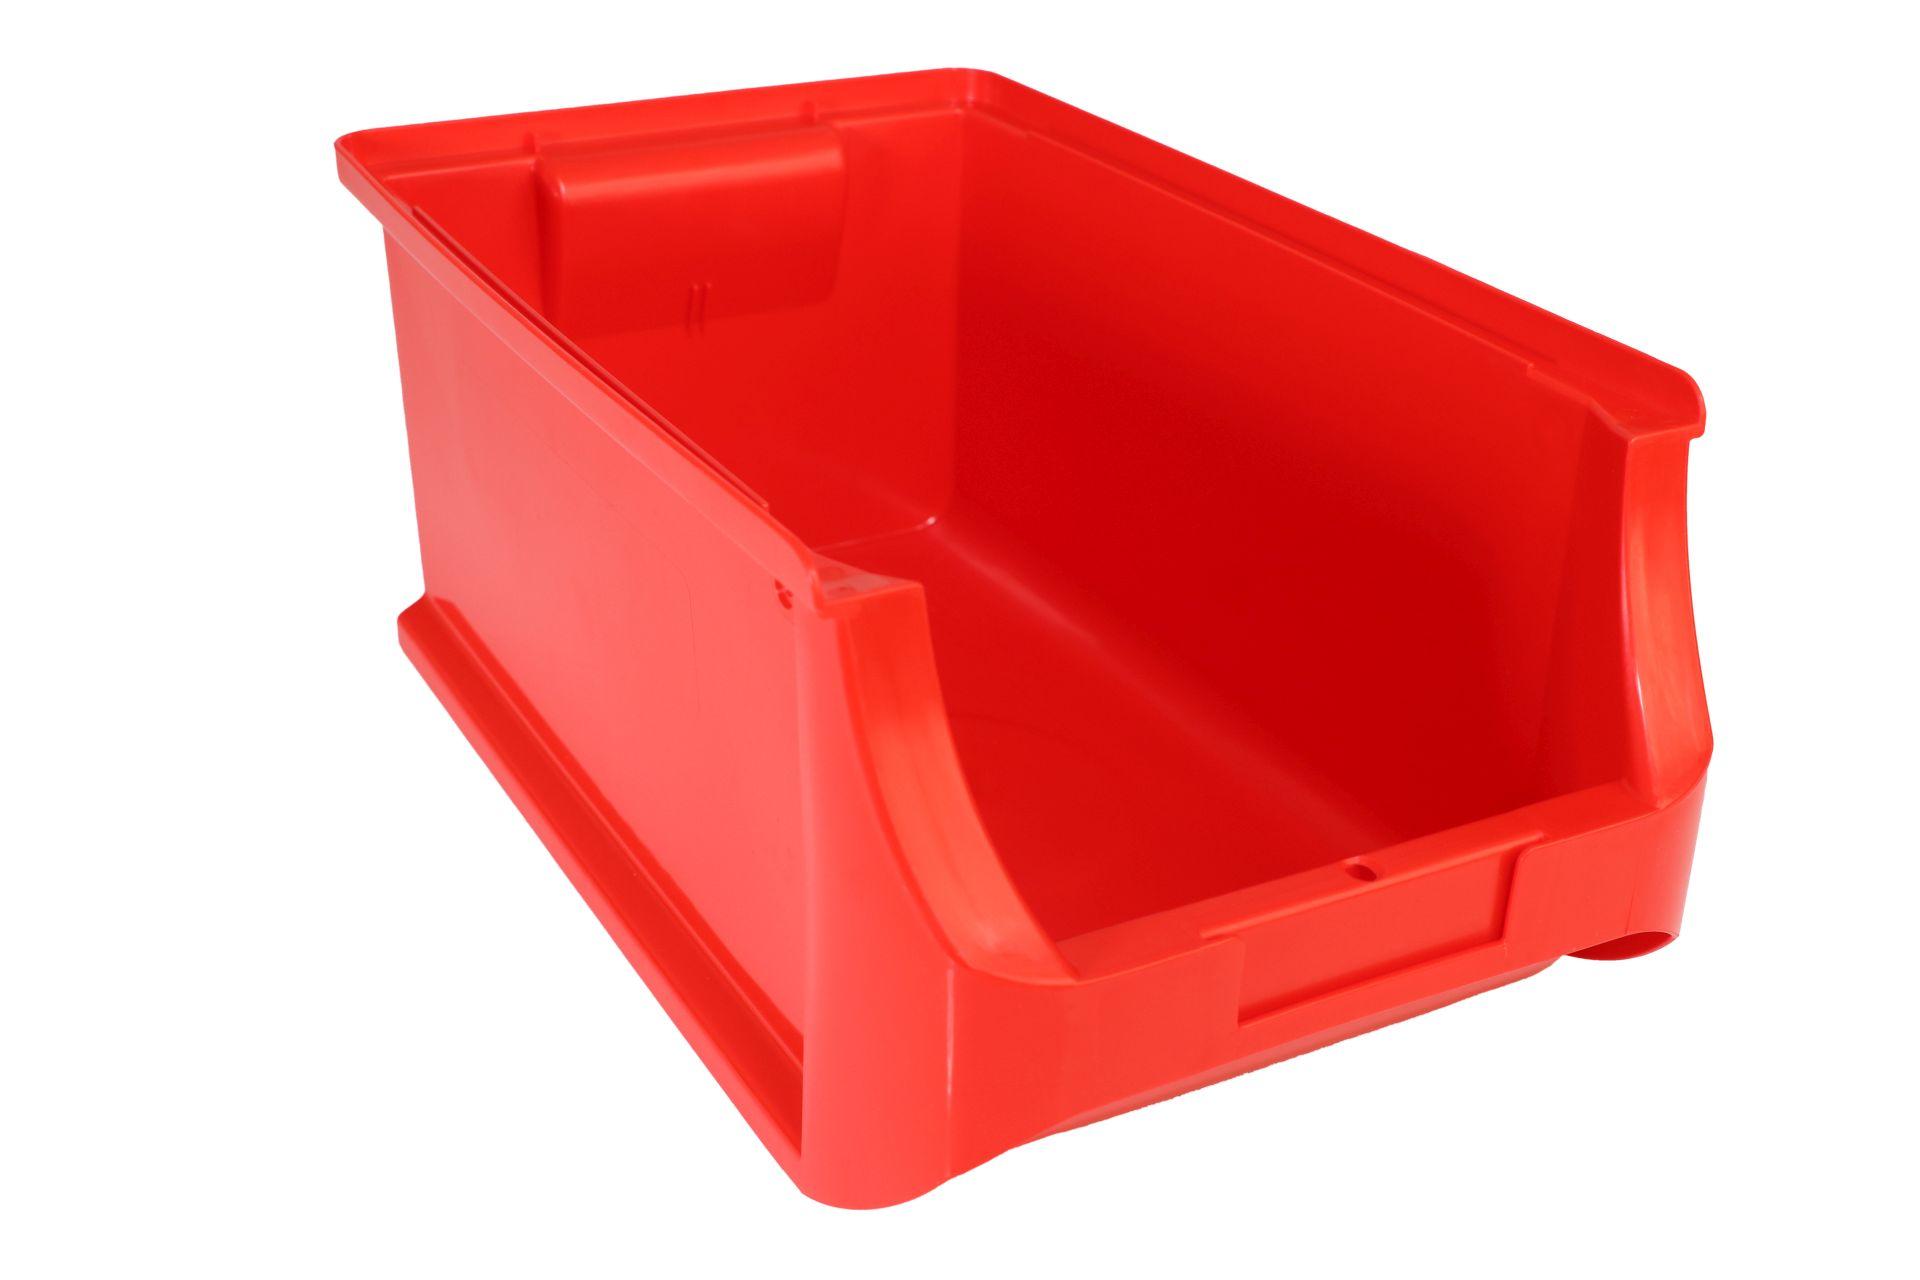 Allit Sichtlagerkasten ProfiPlus Box 4, aus PP, stapelbar, rot, 1 Stück ohne Etikett